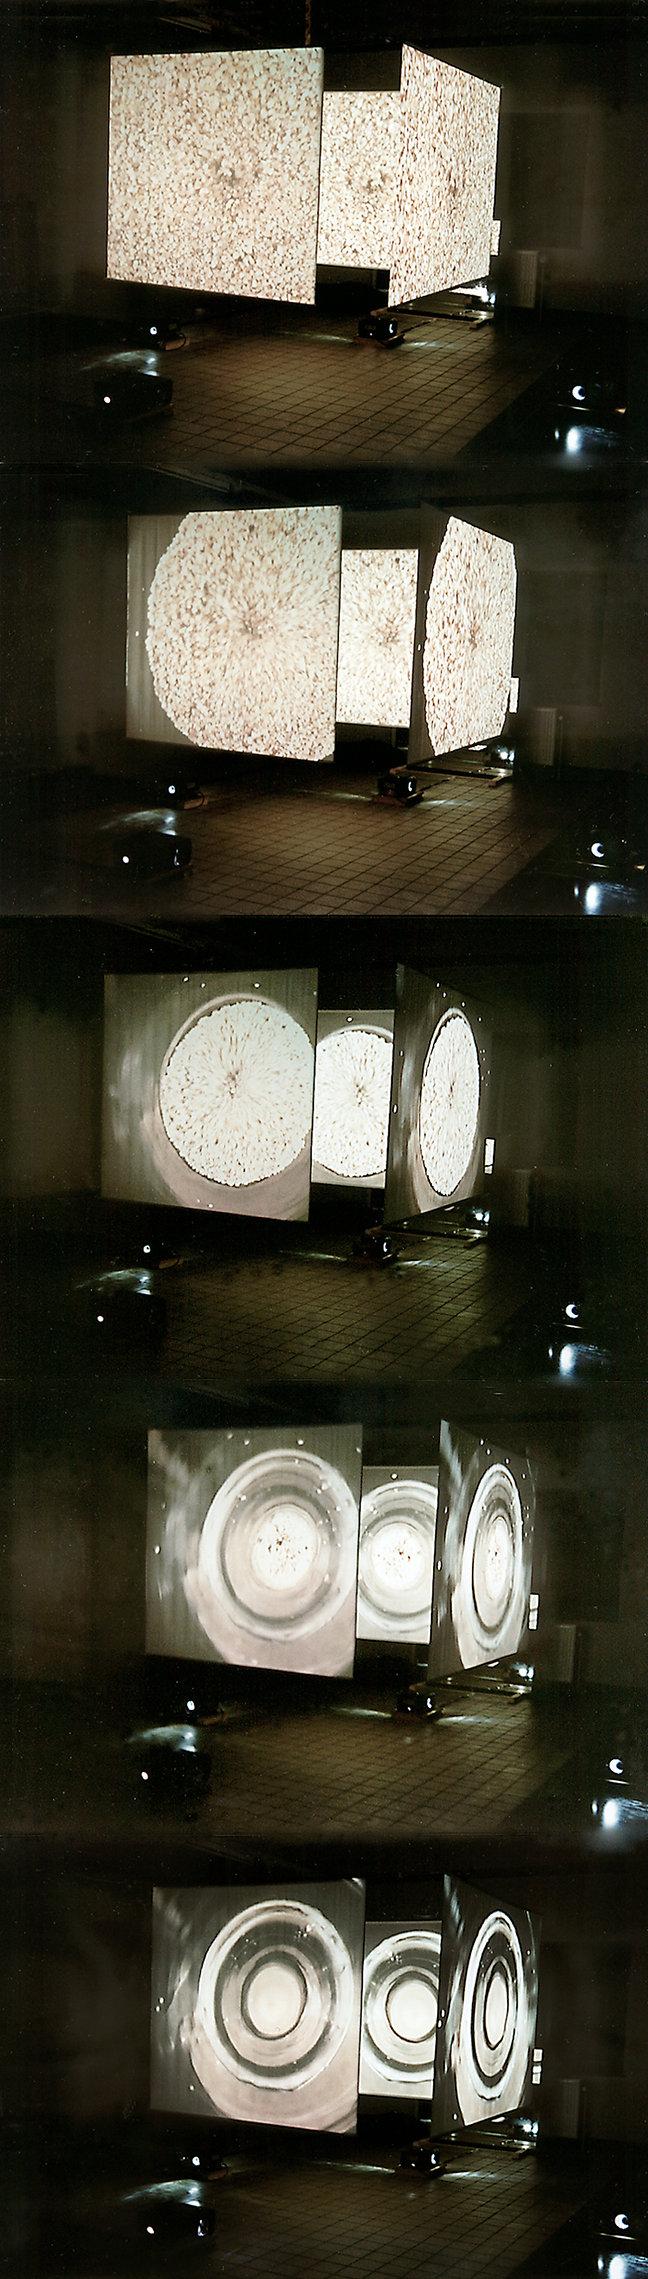 hourglass-zandloper-esthervanwaalwijk-2.